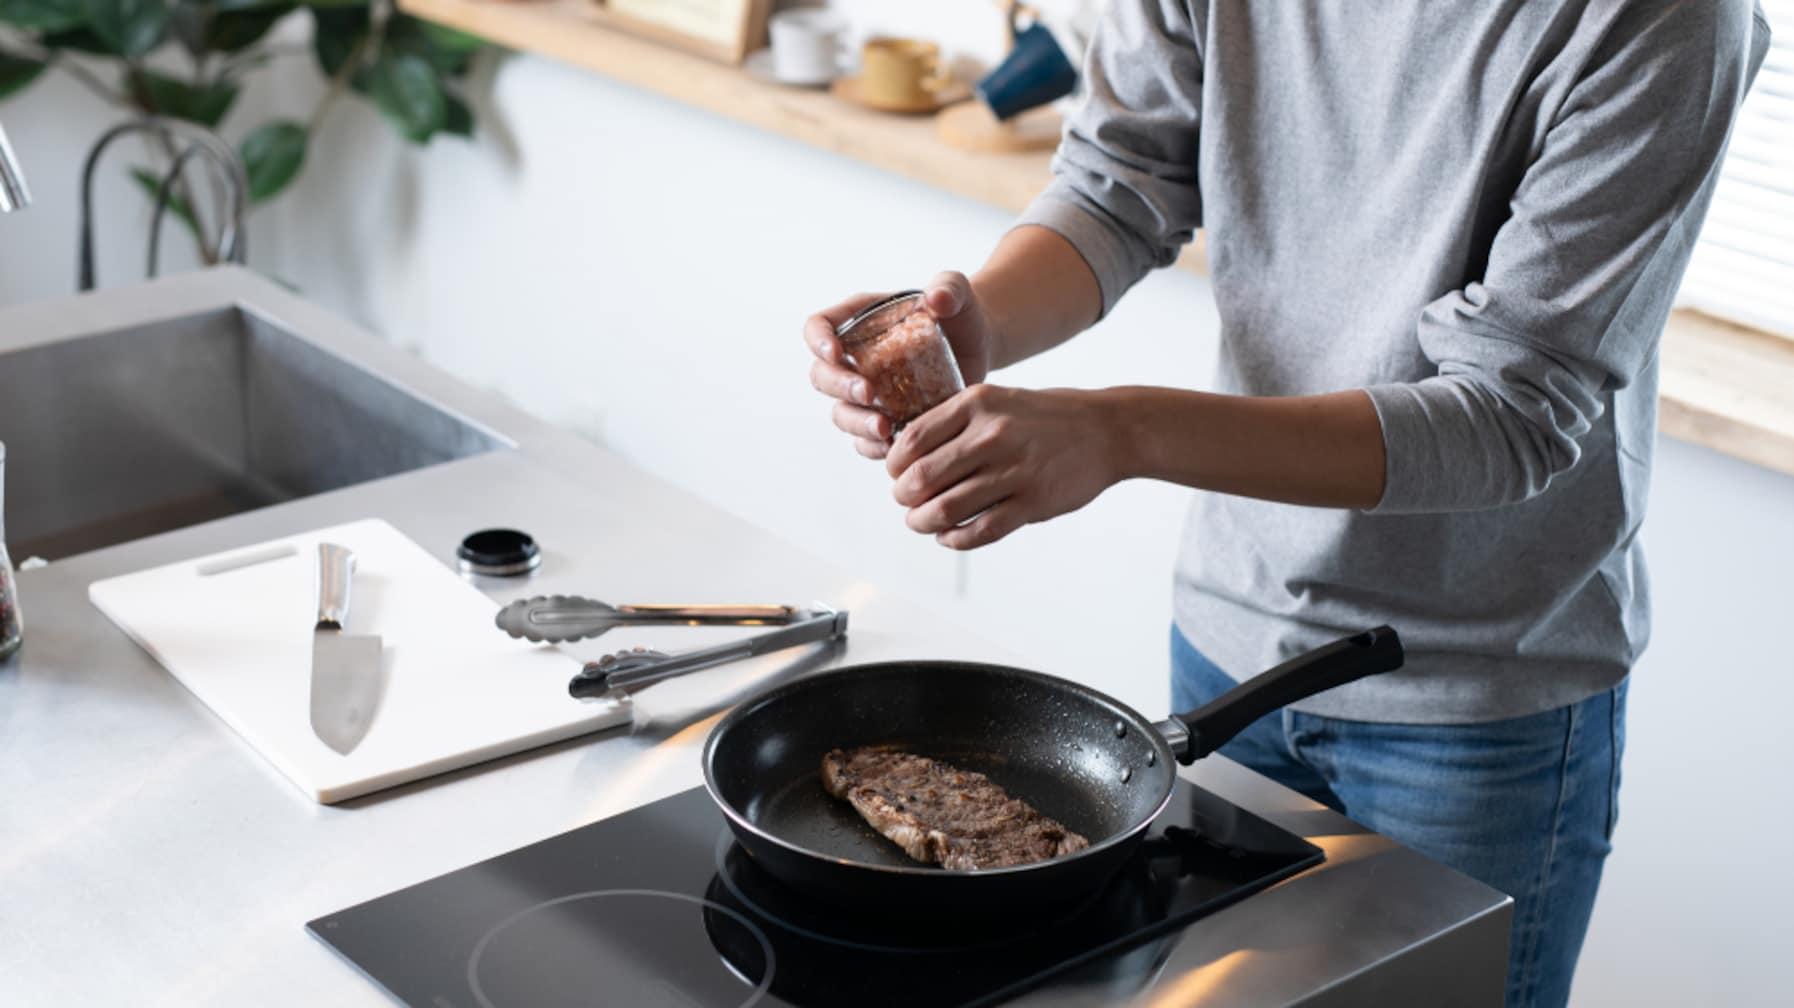 「自炊したほうが良いと言う人がいるけれど…」外食だと塩分過多になるという指摘への反論が話題に